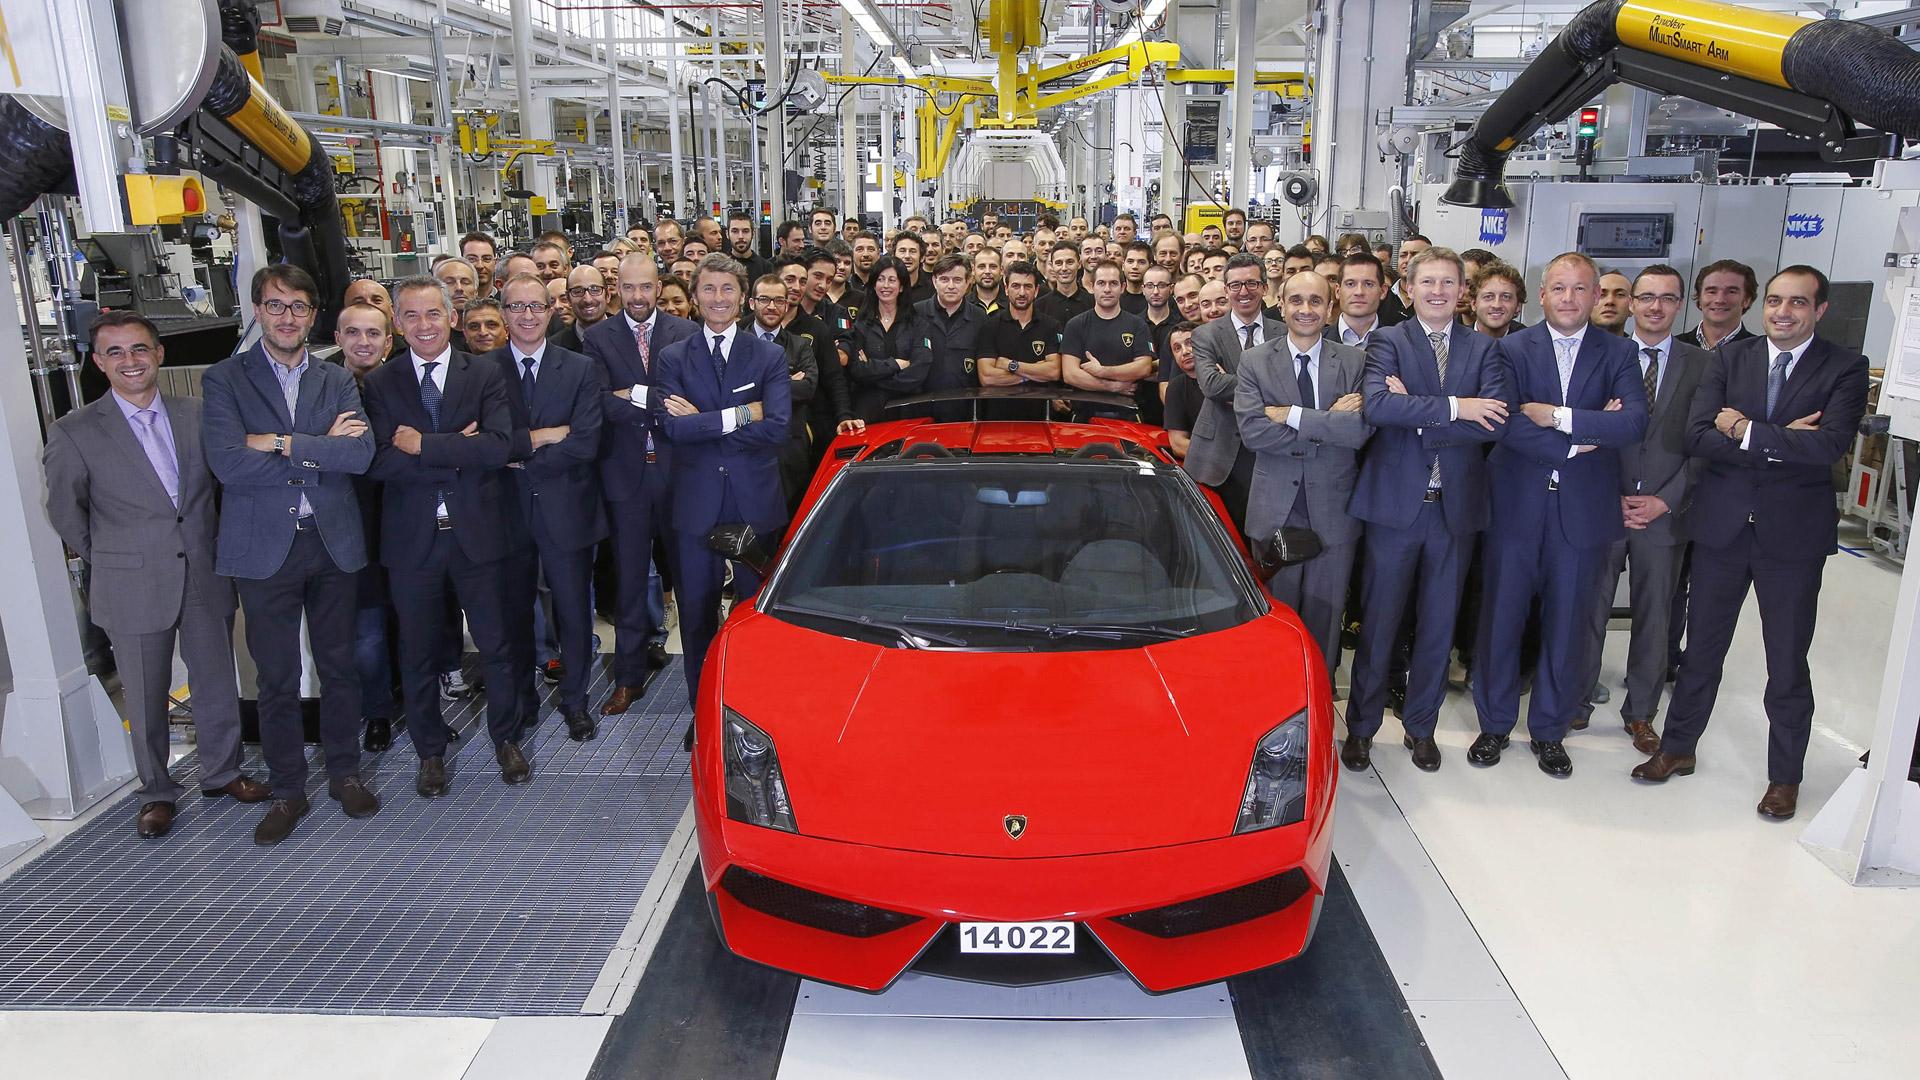 Angka 14022 – Gallardo Terakhir Lamborghini